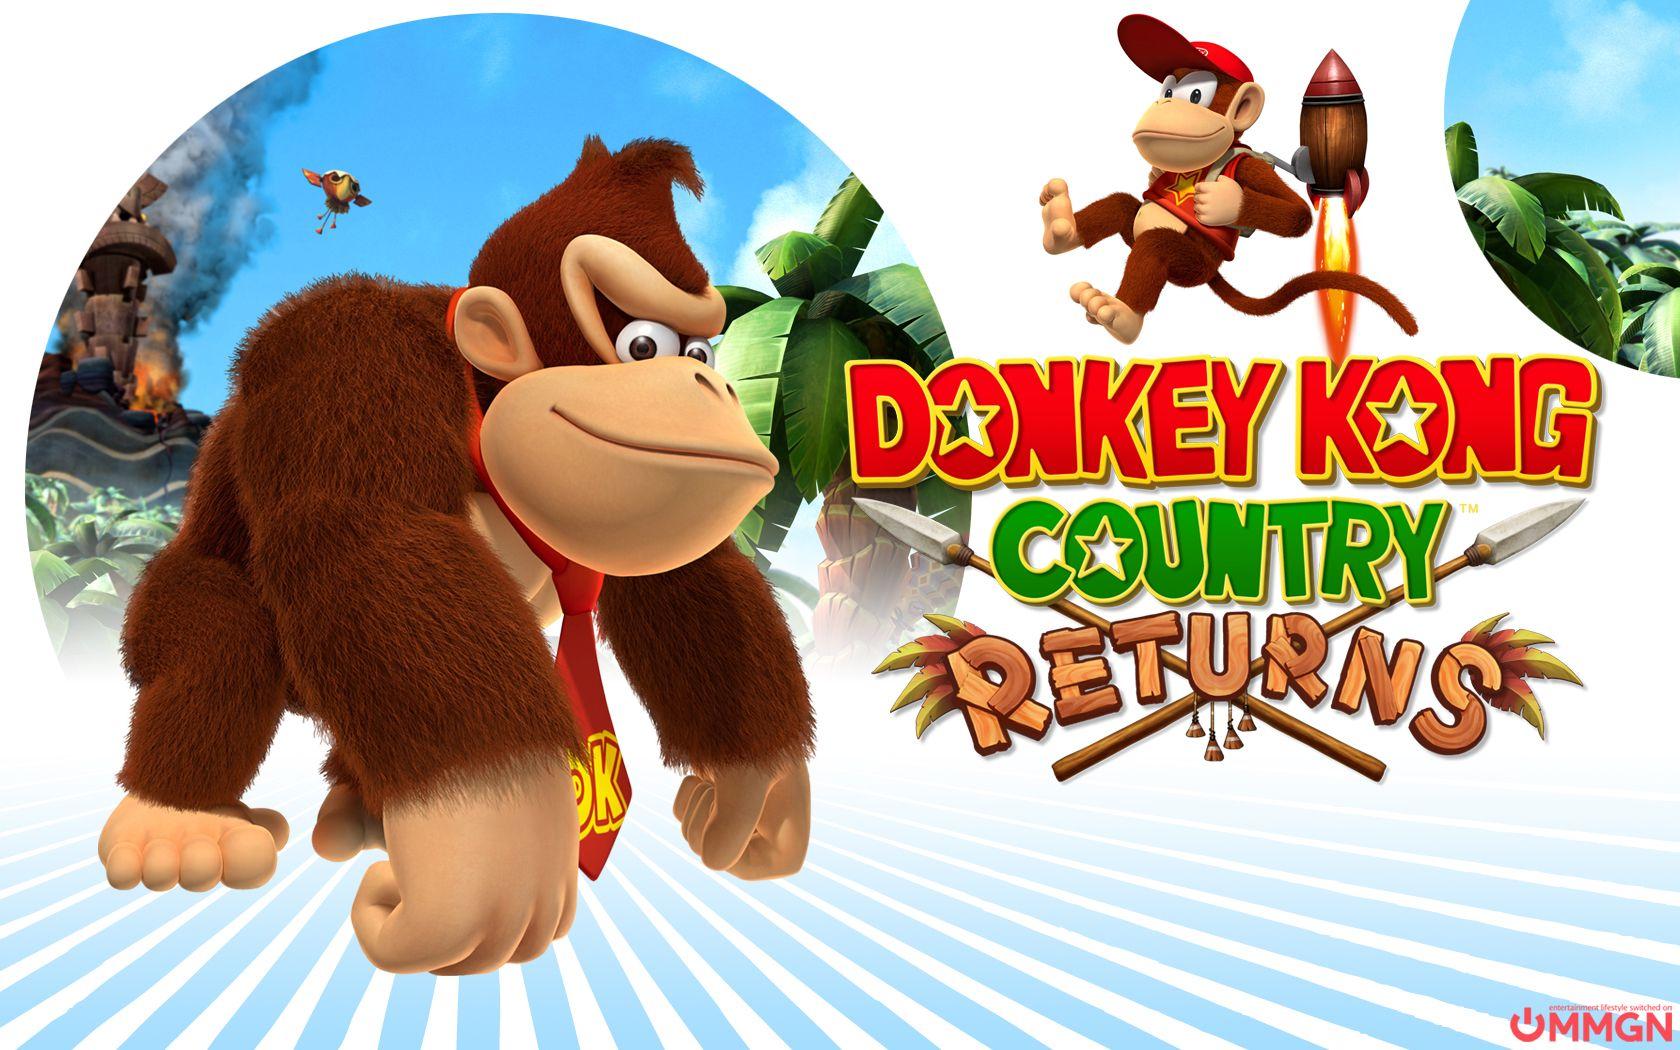 Donkey Kong Wallpaper Donkey Kong Country Returns Donkey Kong Country Returns Donkey Kong Country Donkey Kong